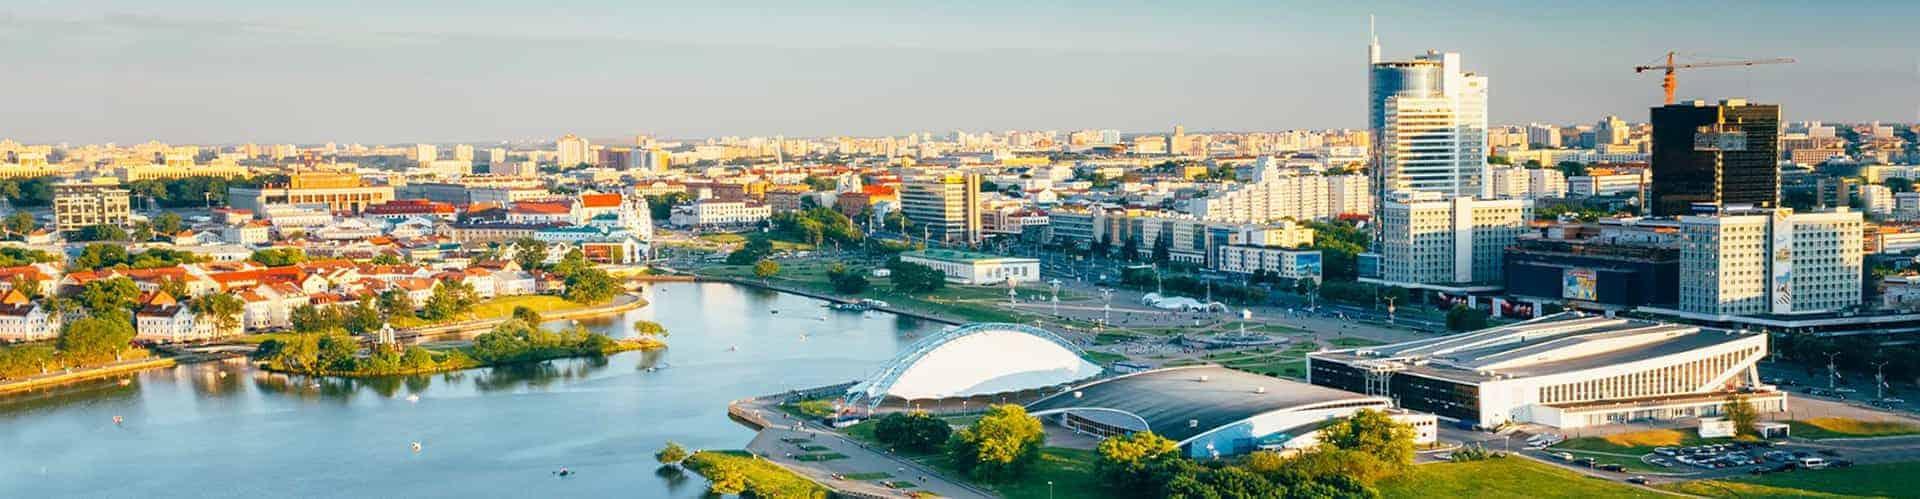 Free Tour Minsk